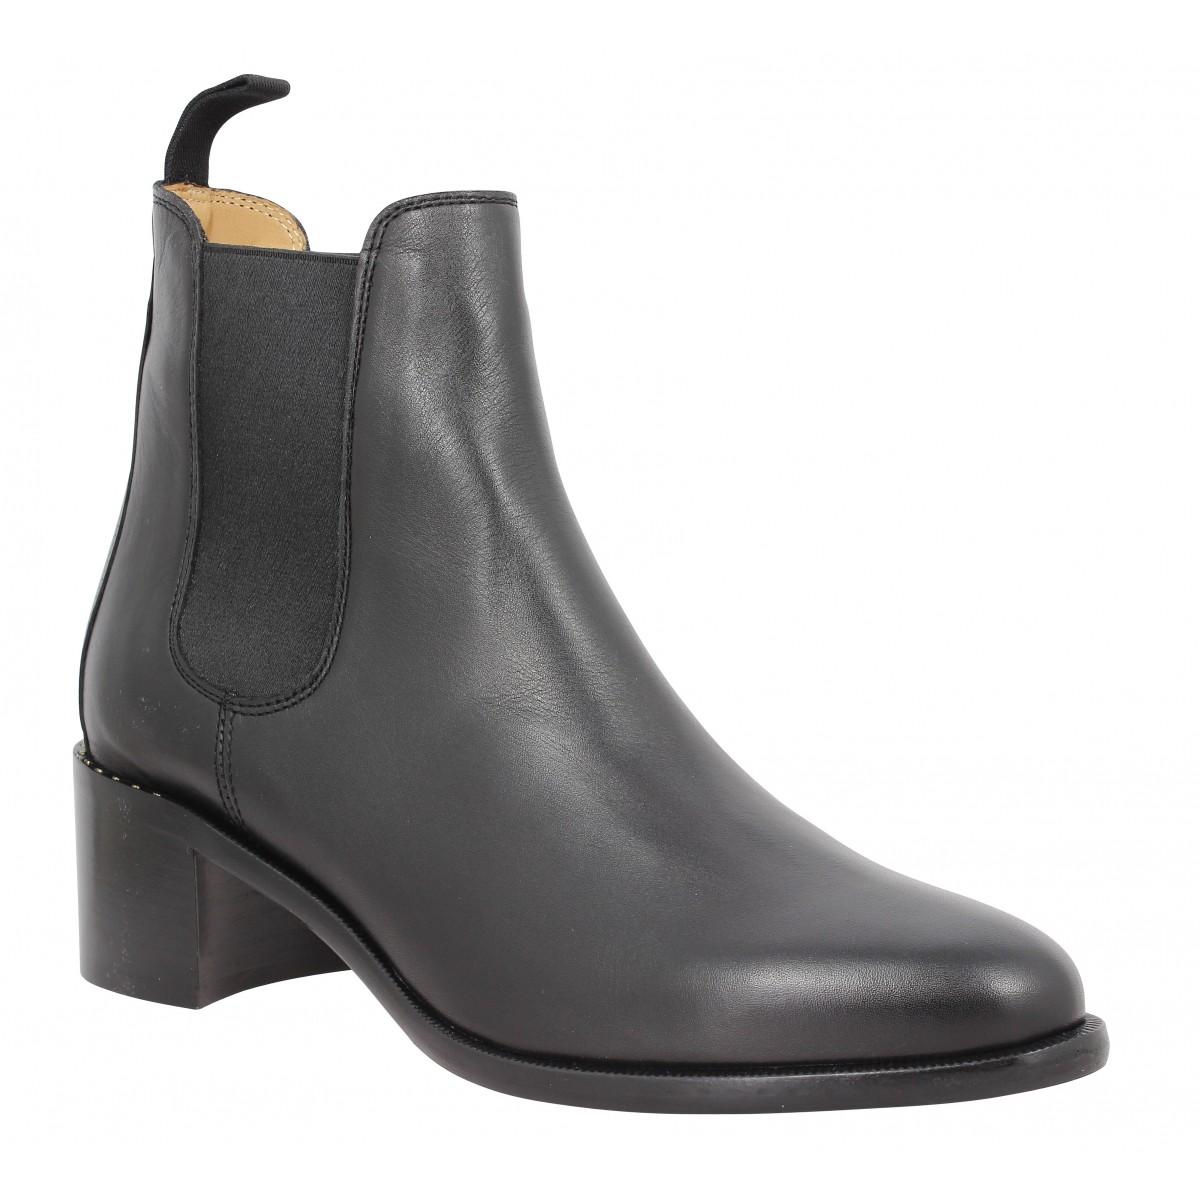 Bottines HESCHUNG Allure cuir Femme Noir